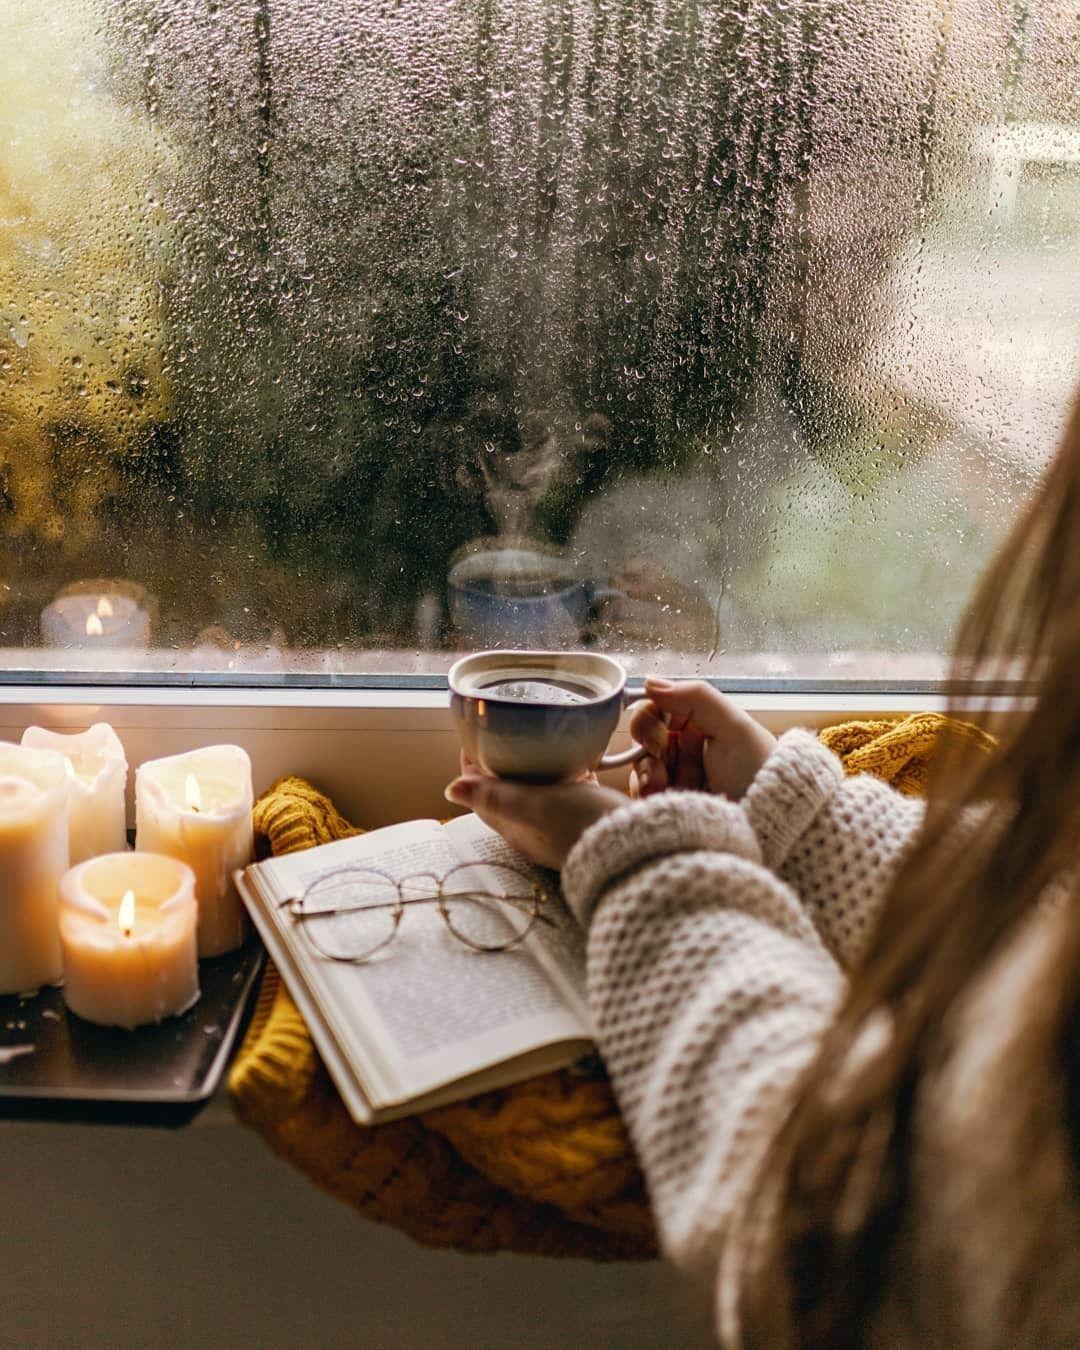 картинки уютно дома в дождь